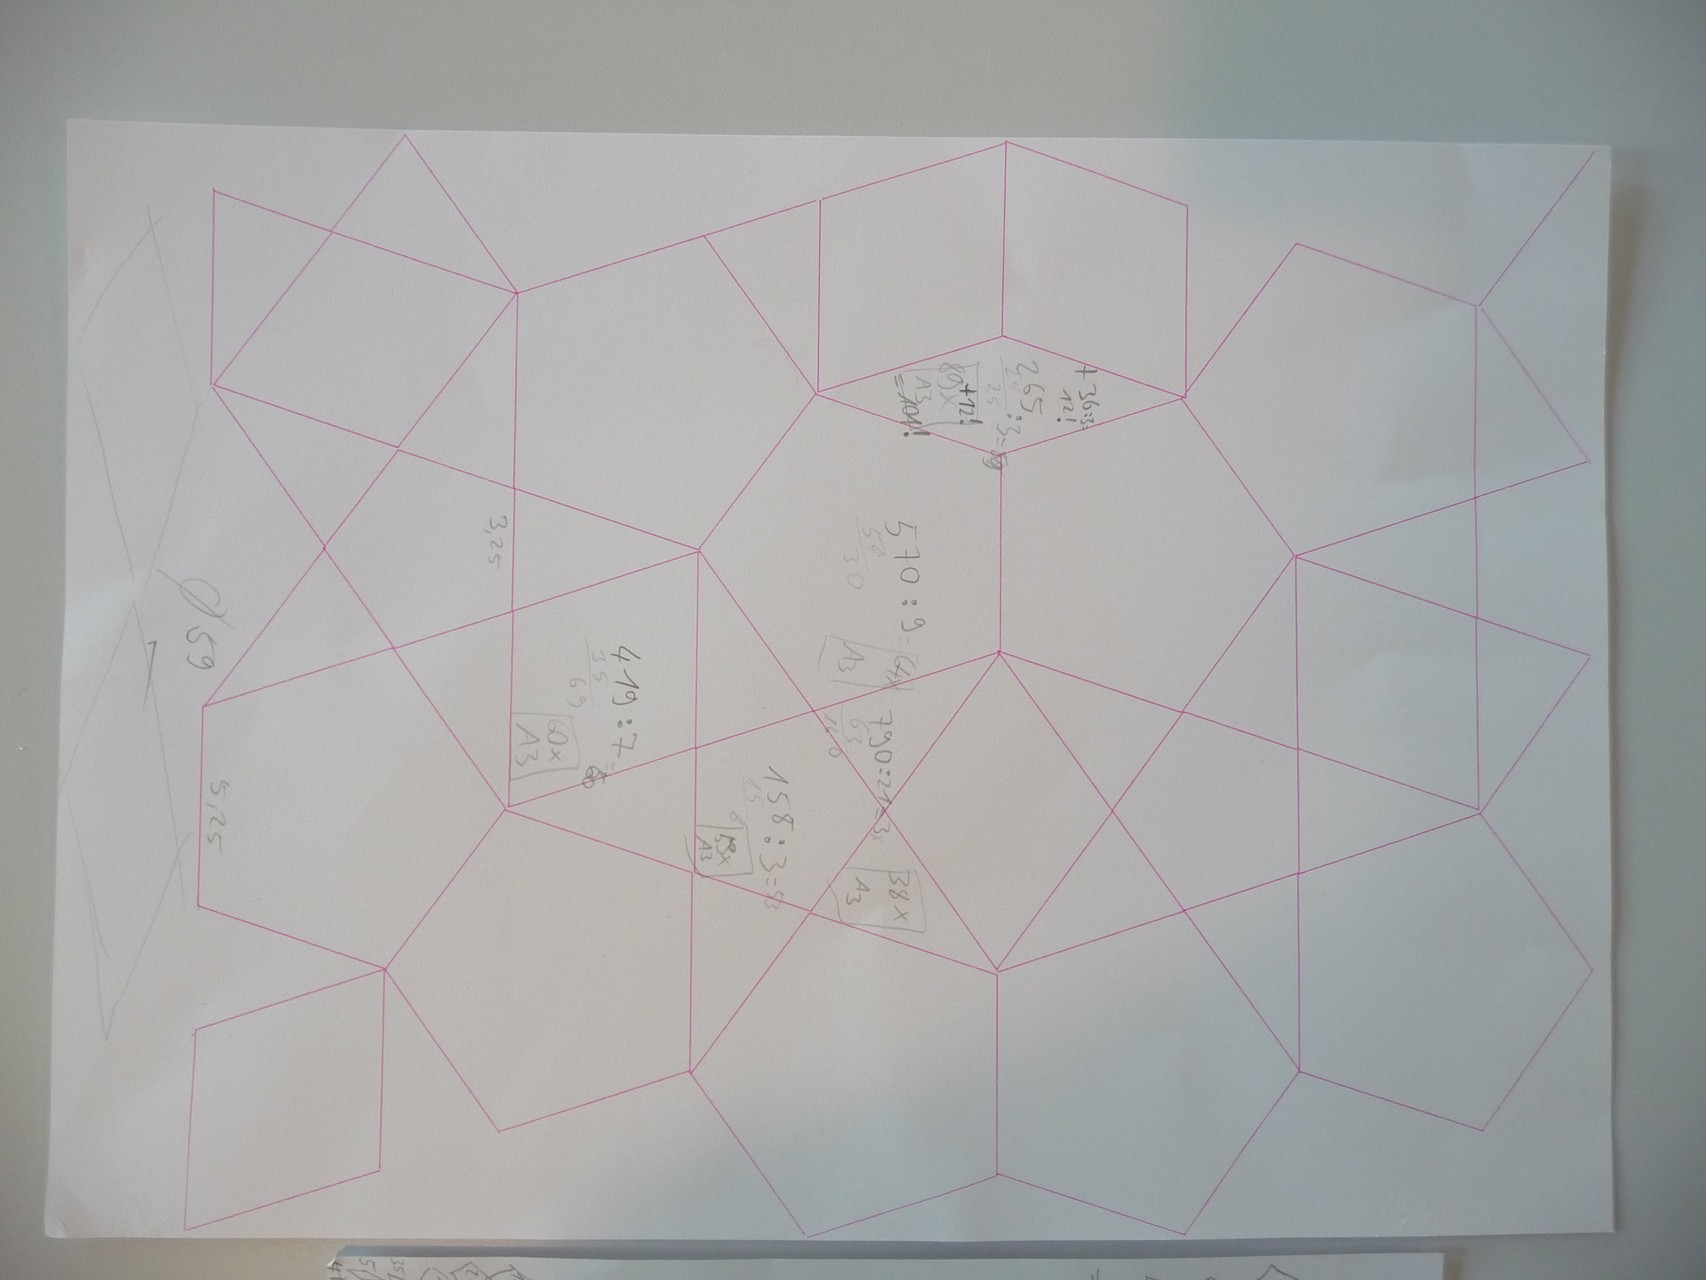 Der Plotter hat die großen Schablonenteile in Rosa gezeichnet.